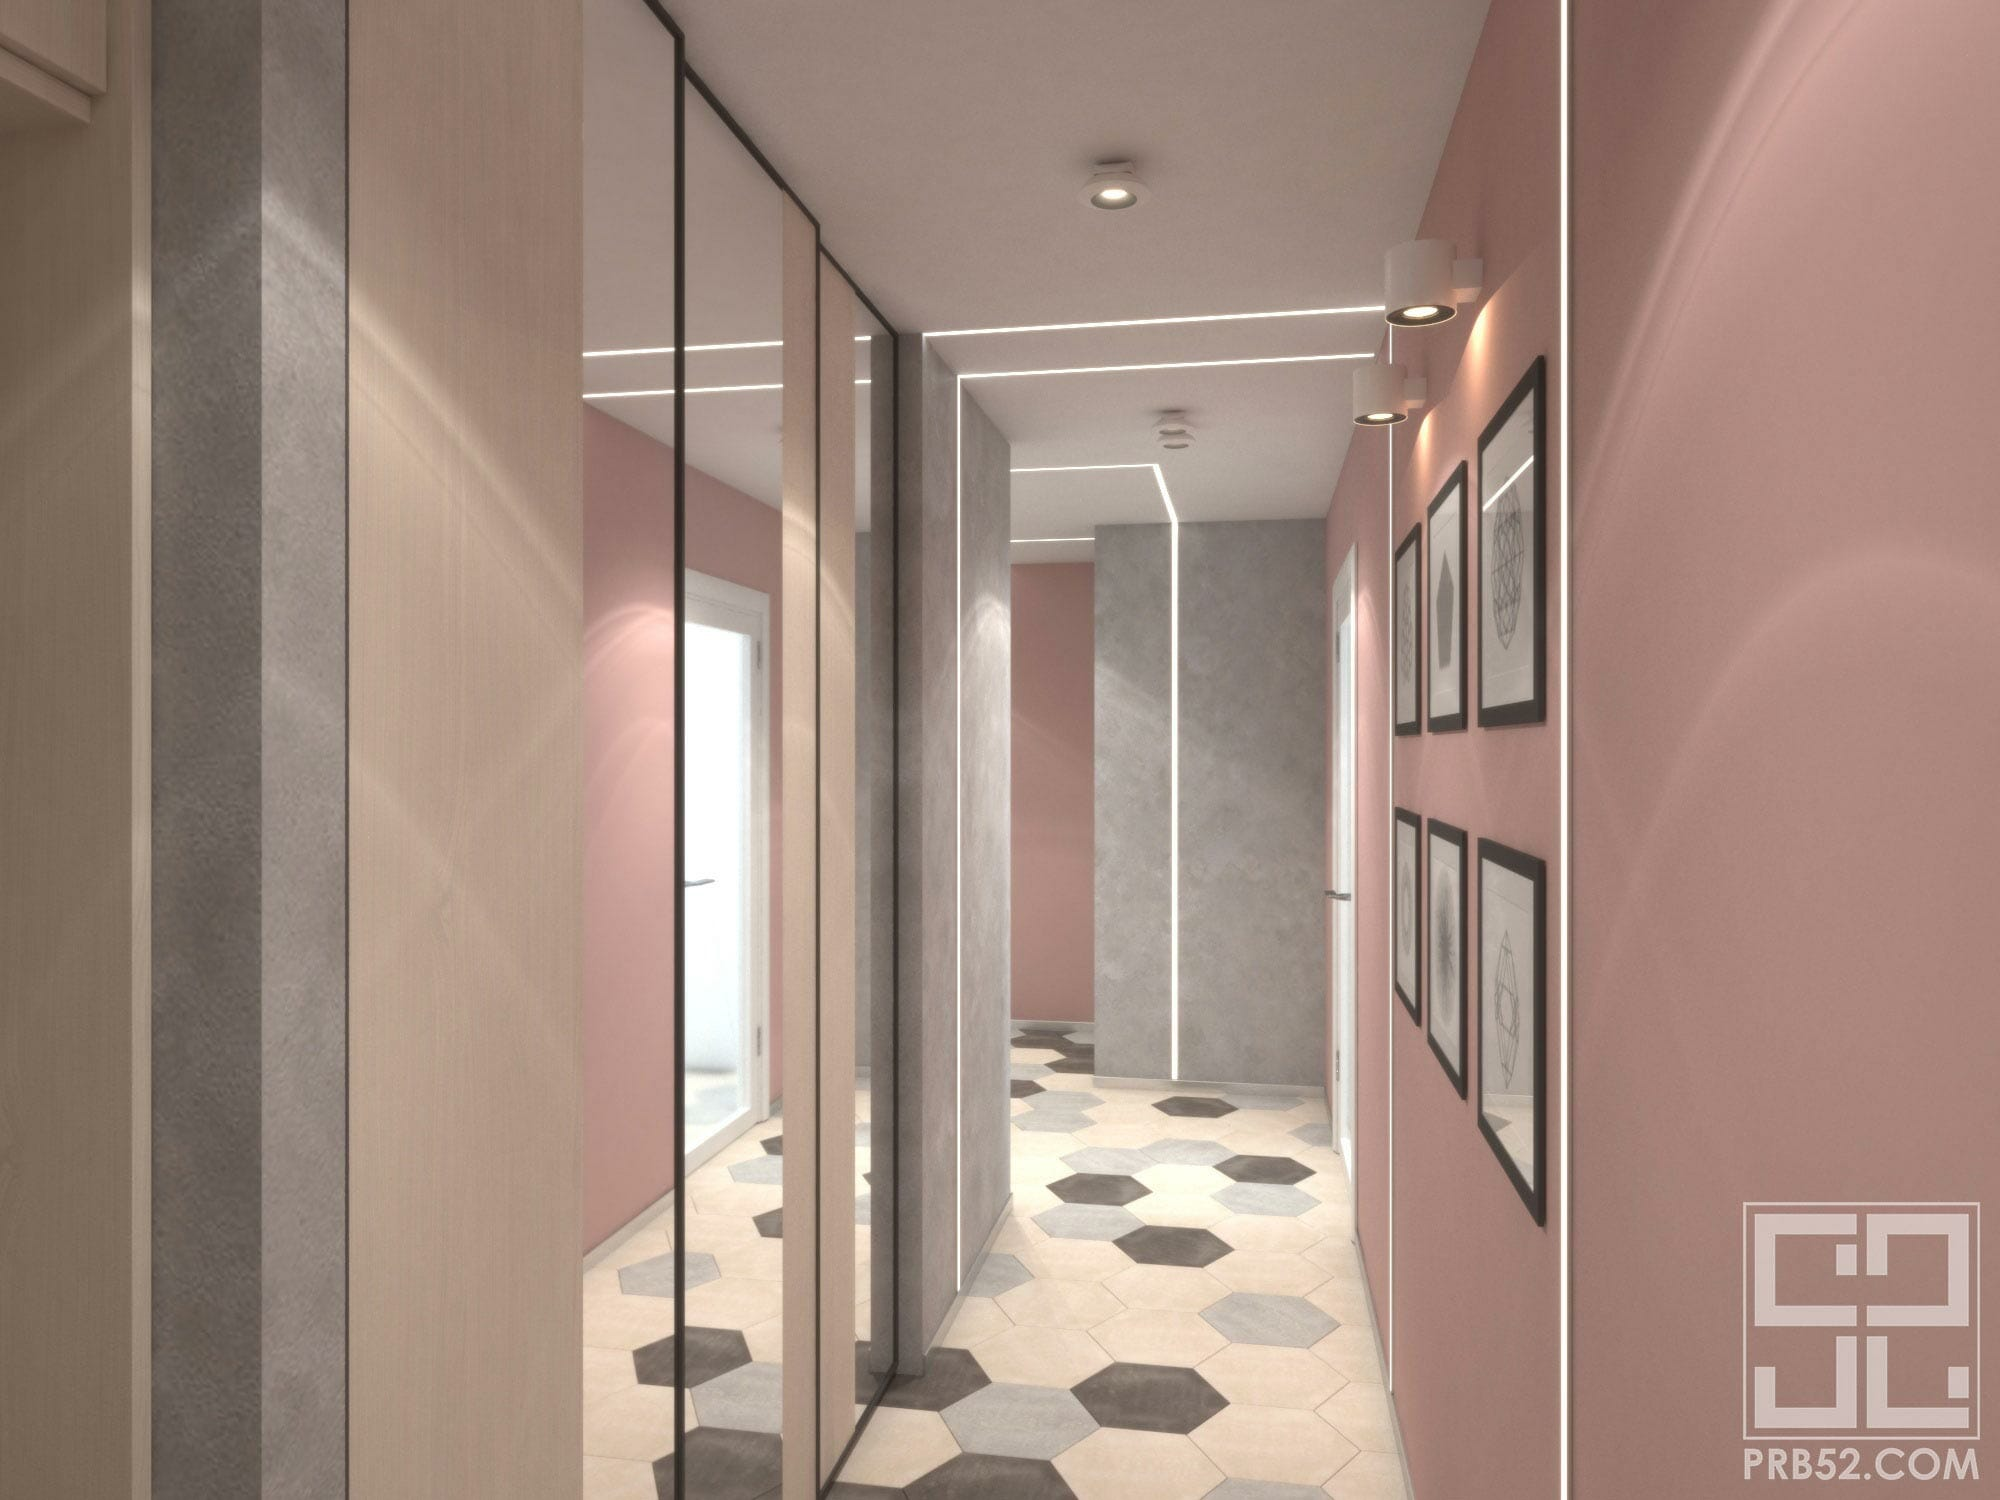 дизайн интерьера узкого длинного коридора идеи